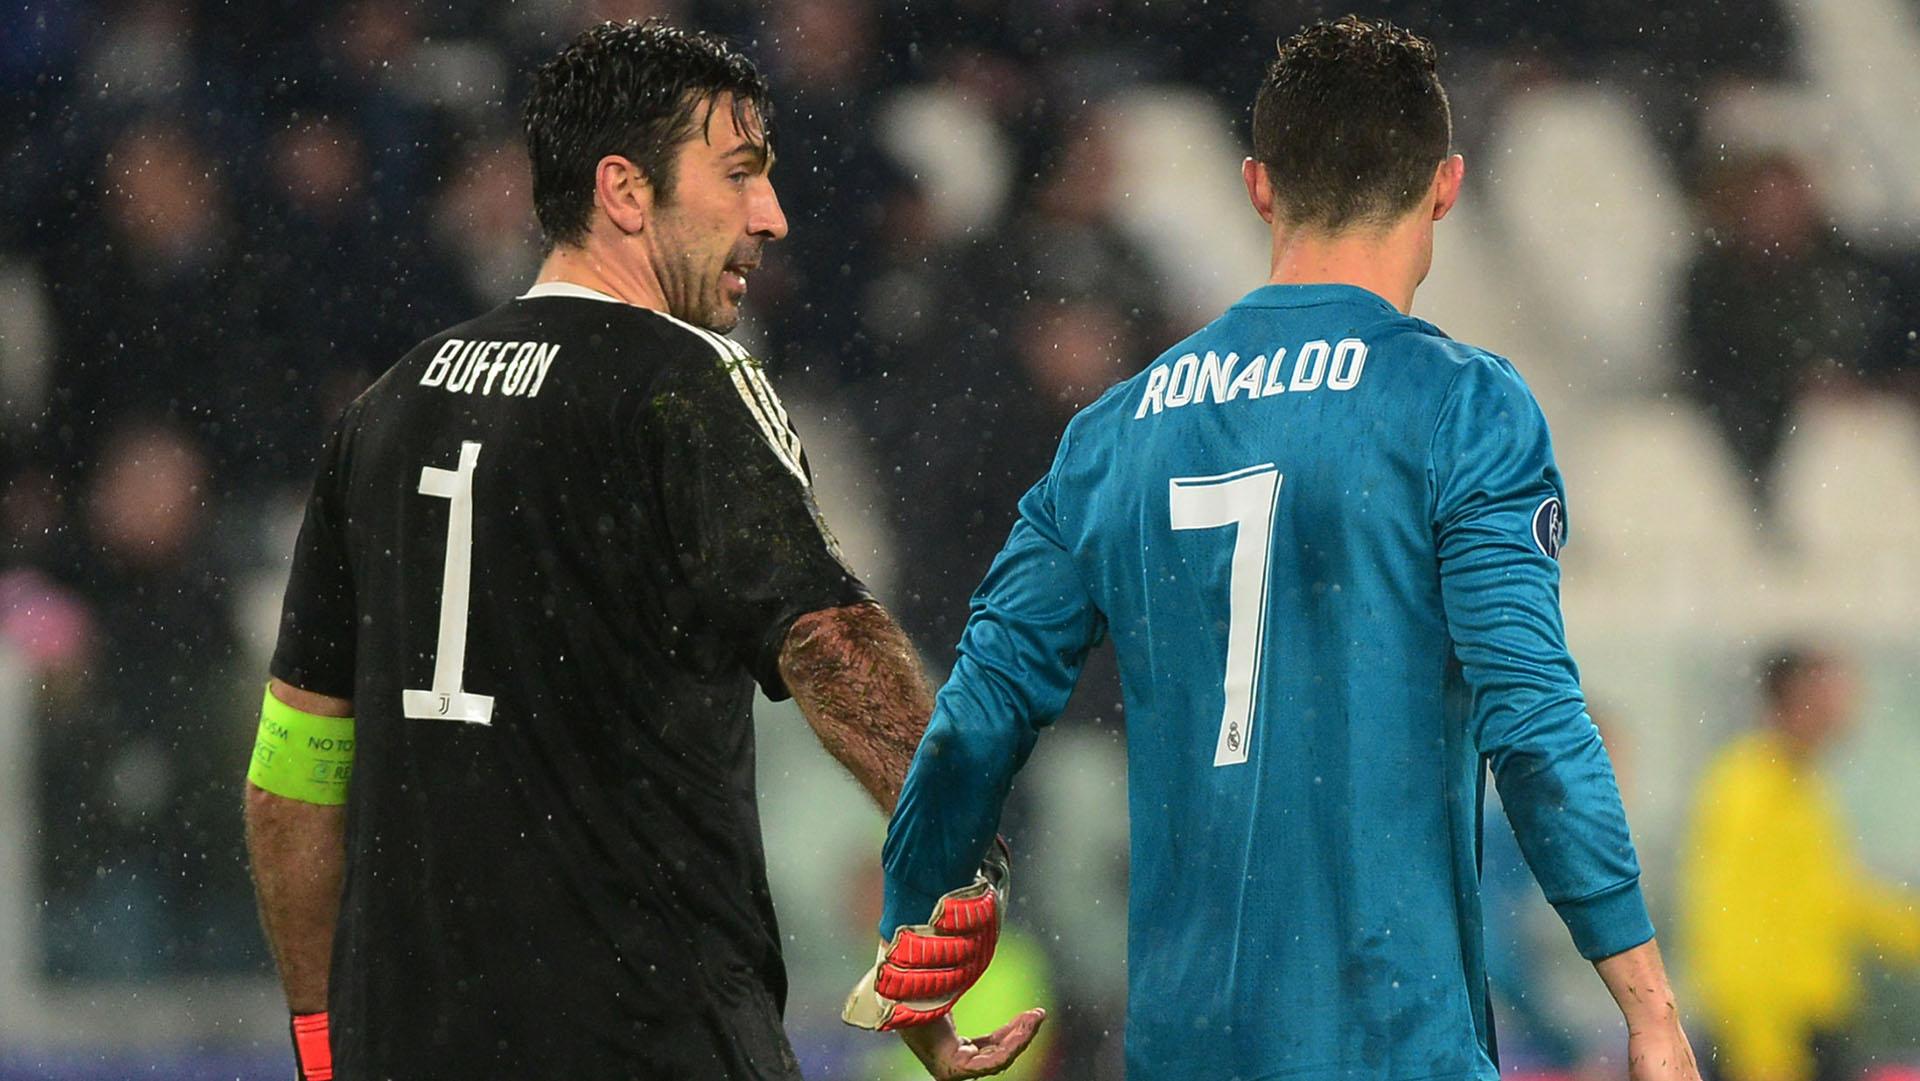 Cristiano Ronaldo y Gianluigi Buffon se podrían unir en Real Madrid (REUTERS)